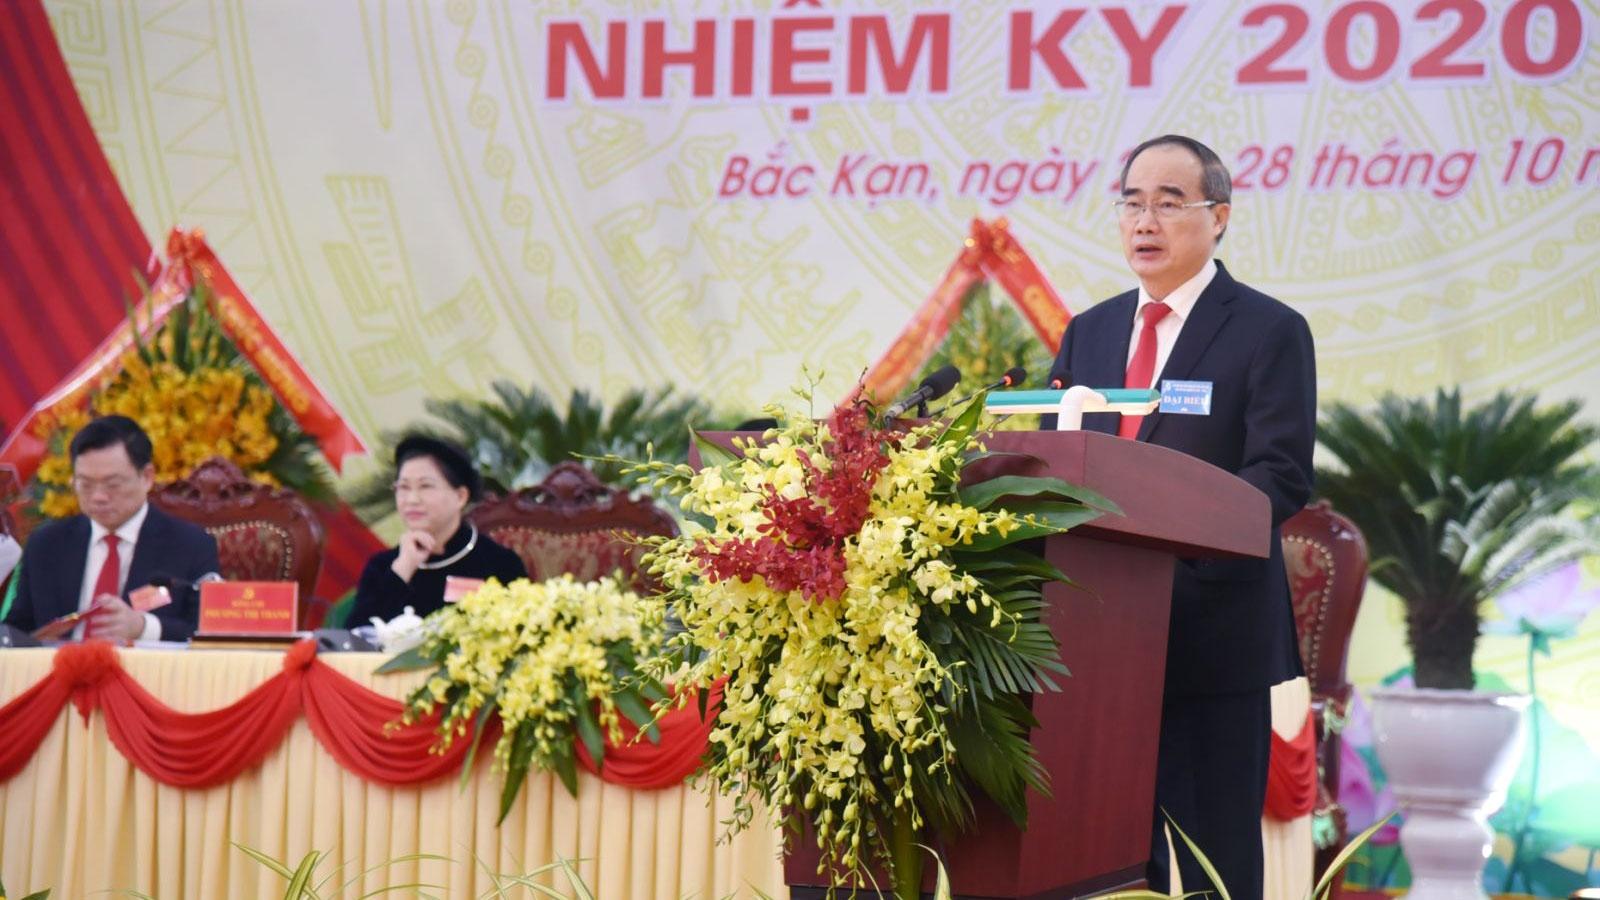 Ông Nguyễn Thiện Nhân dự và chỉ đạo Đại hội đại biểu Đảng bộ tỉnh Bắc Kạn